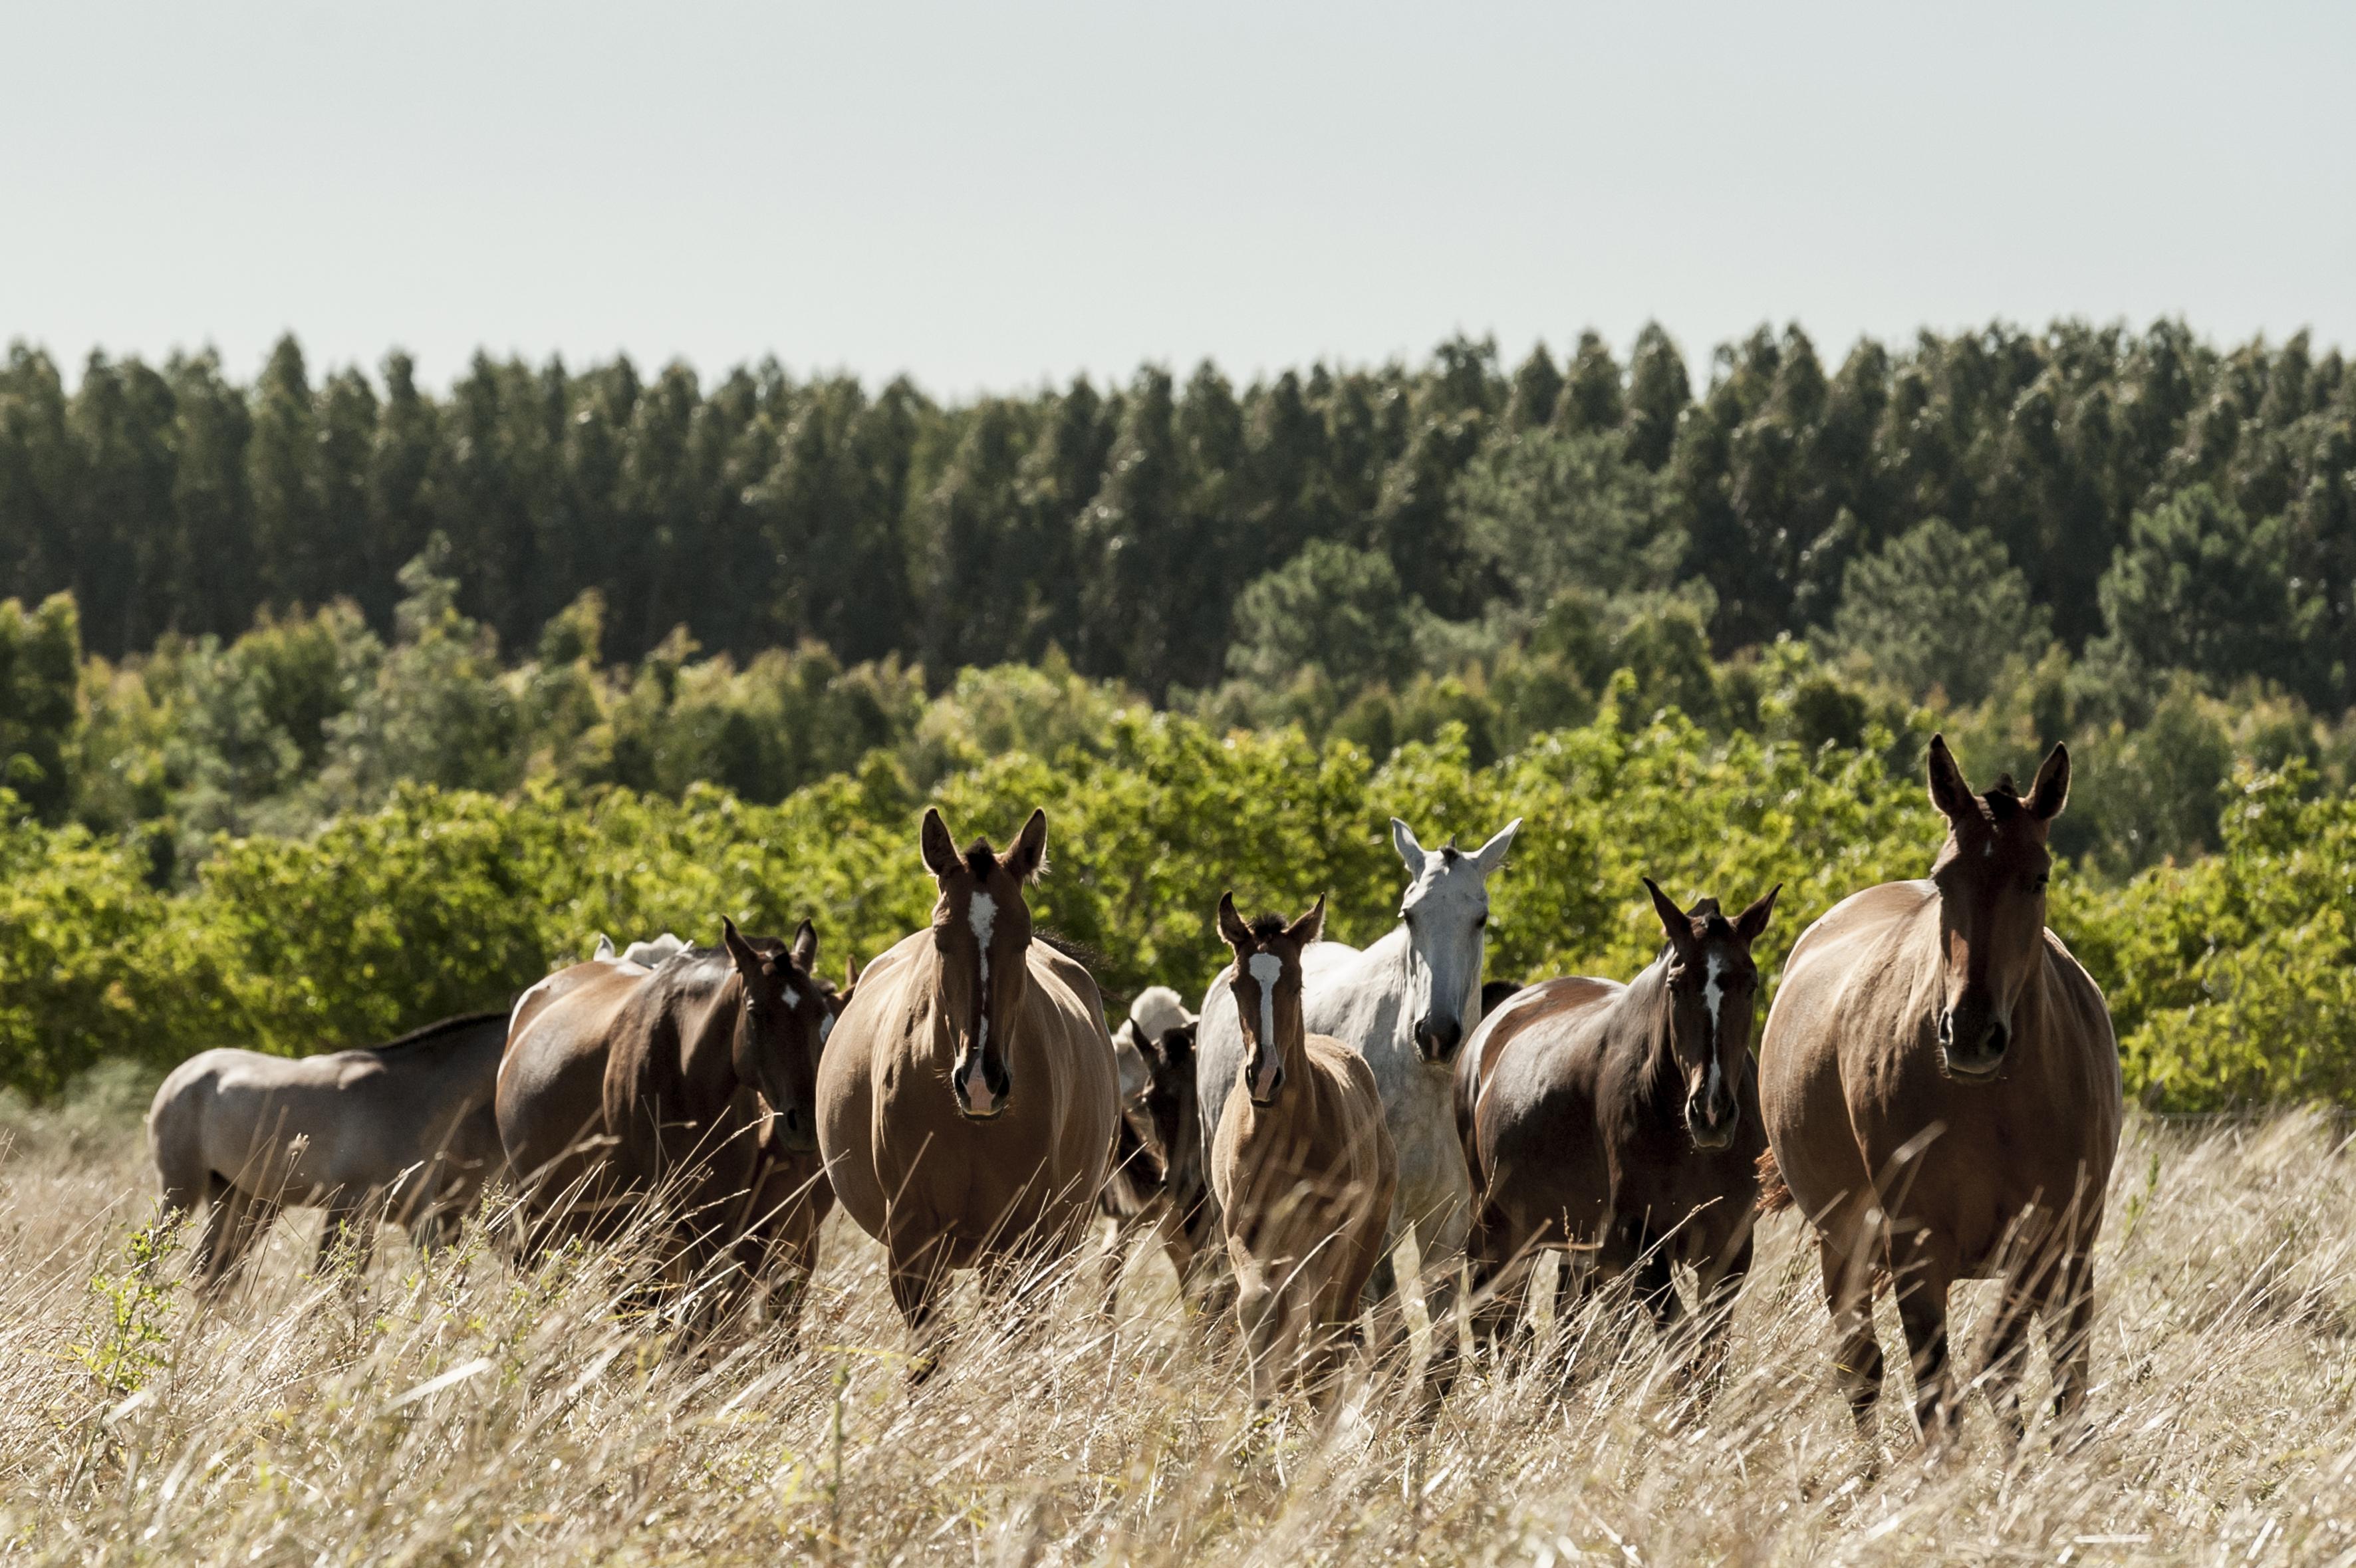 Luis Bastos mares and foals